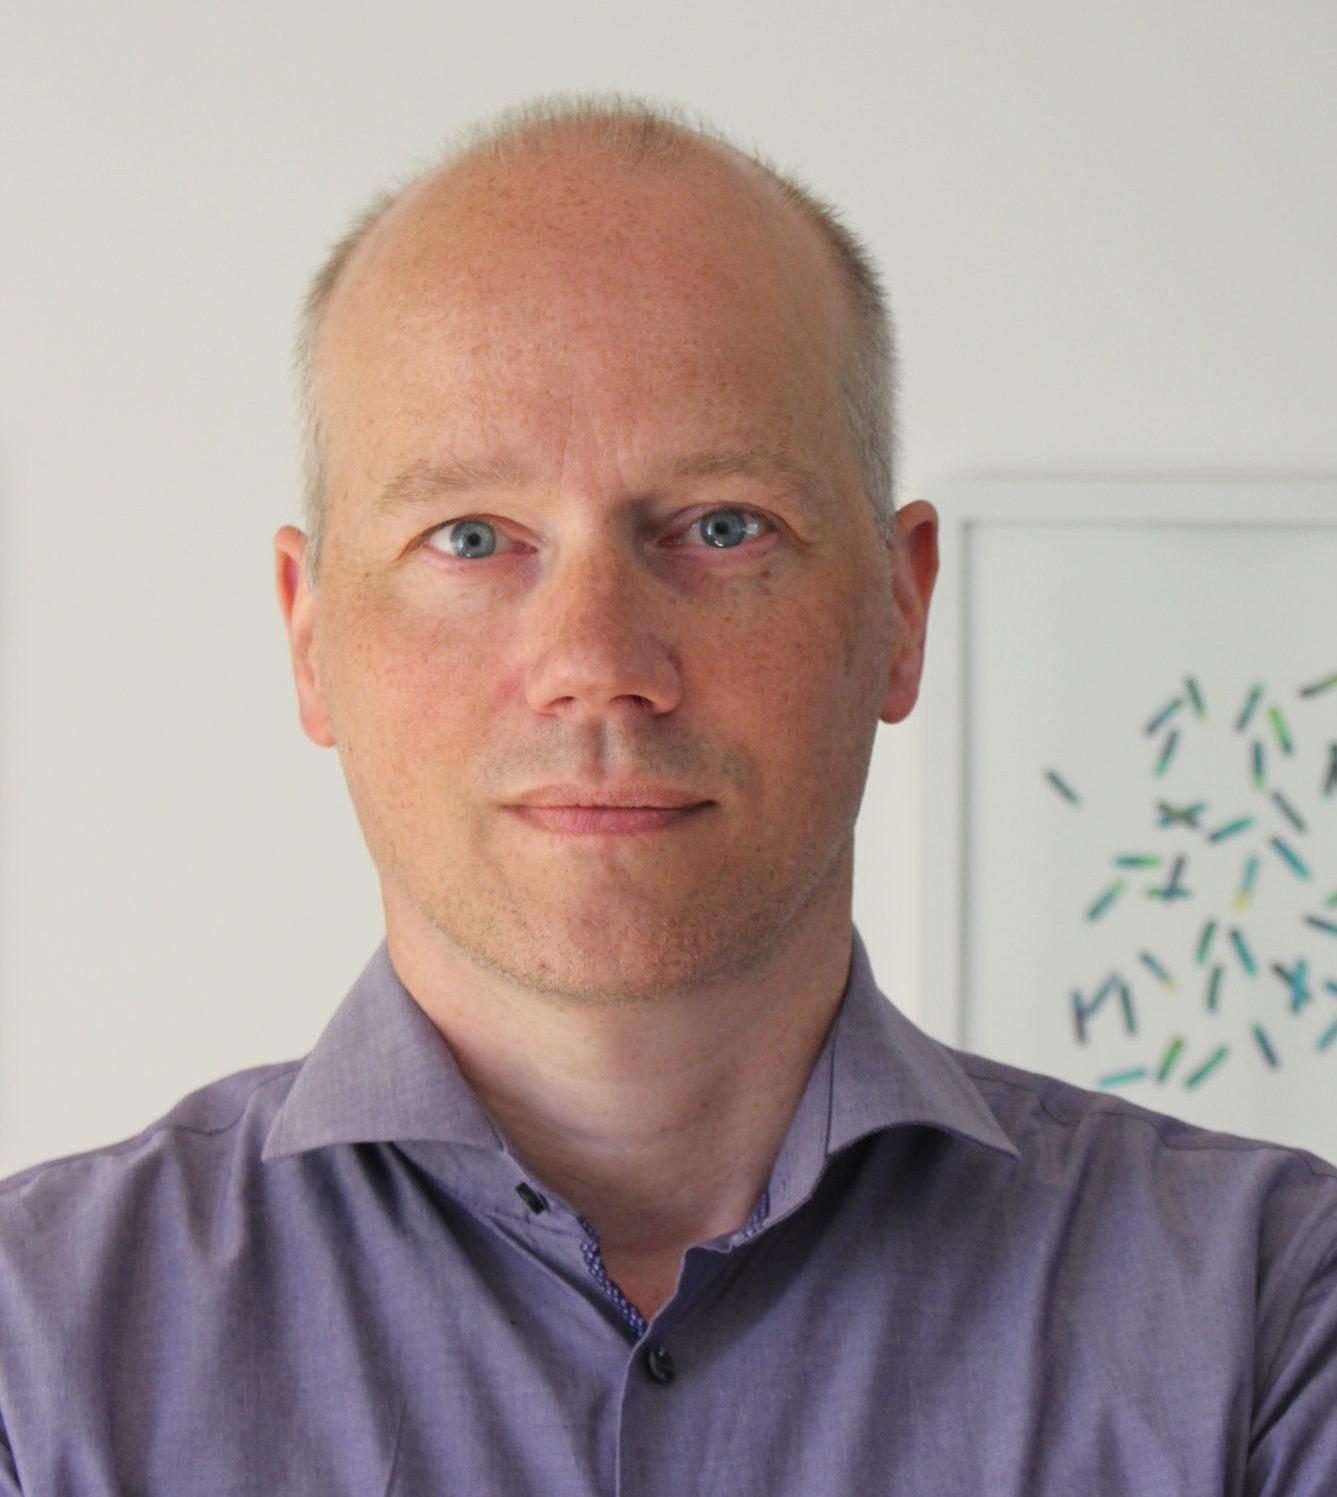 Portrait of Willem Van Schaik